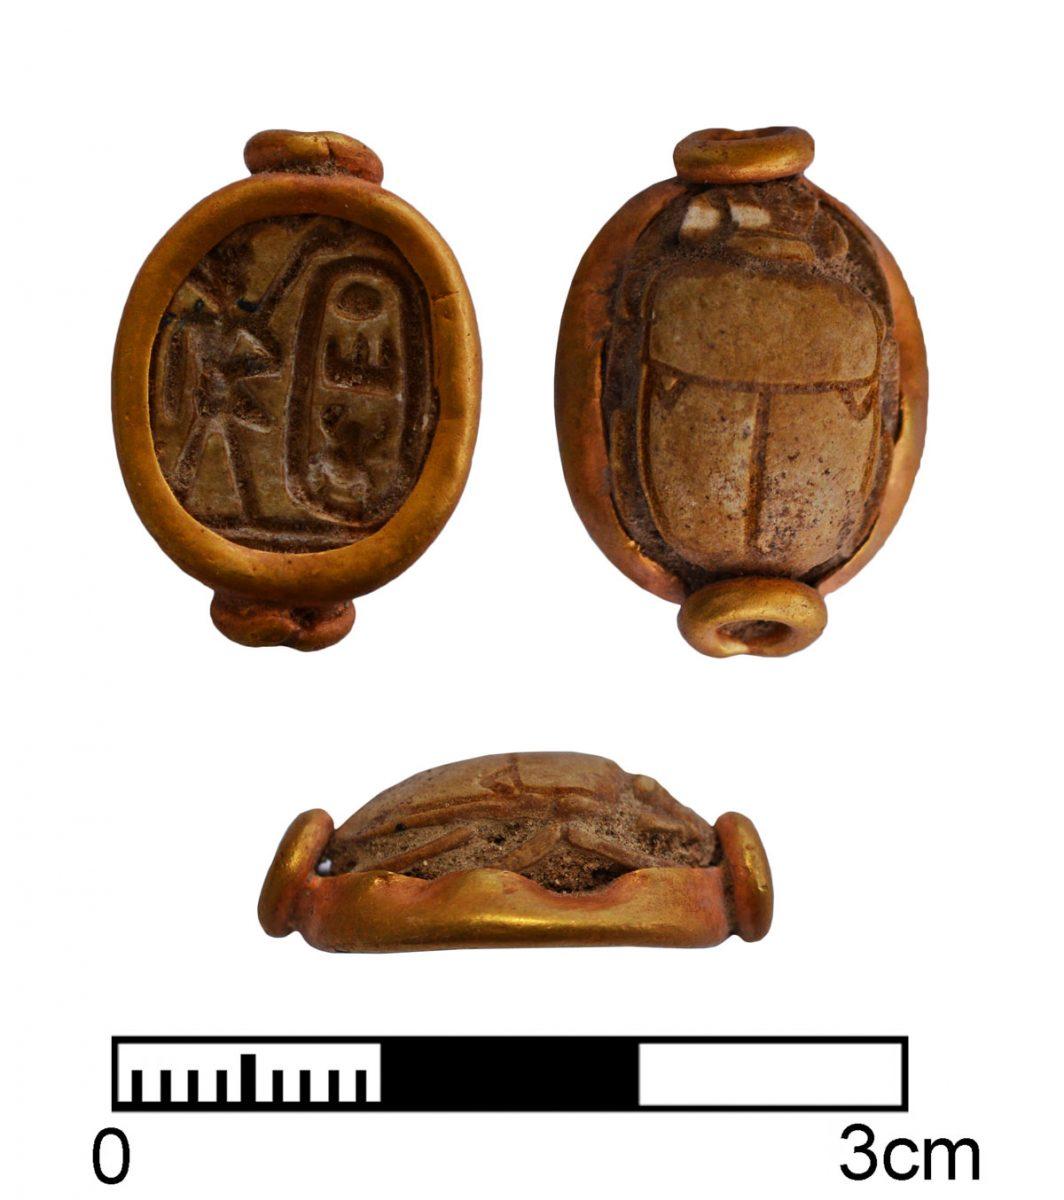 Σκαραβαίος με τη σφραγίδα του Τούθμωση Γ' (1479-1425 π.Χ.) (φωτ. Τμήμα Αρχαιοτήτων Κύπρου).